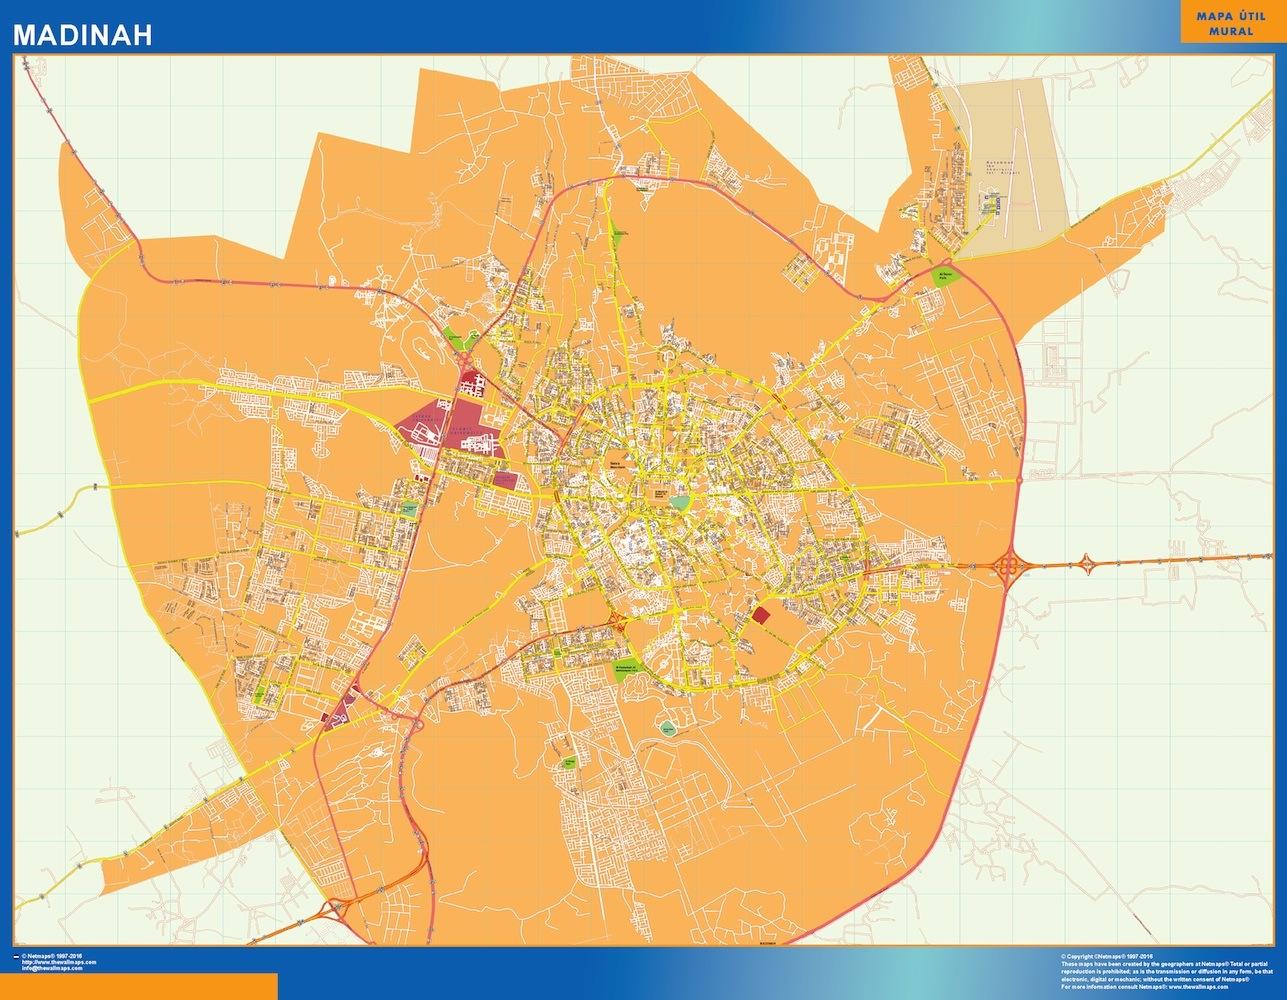 Mapa Madinah en Arabia Saudita plastificado gigante